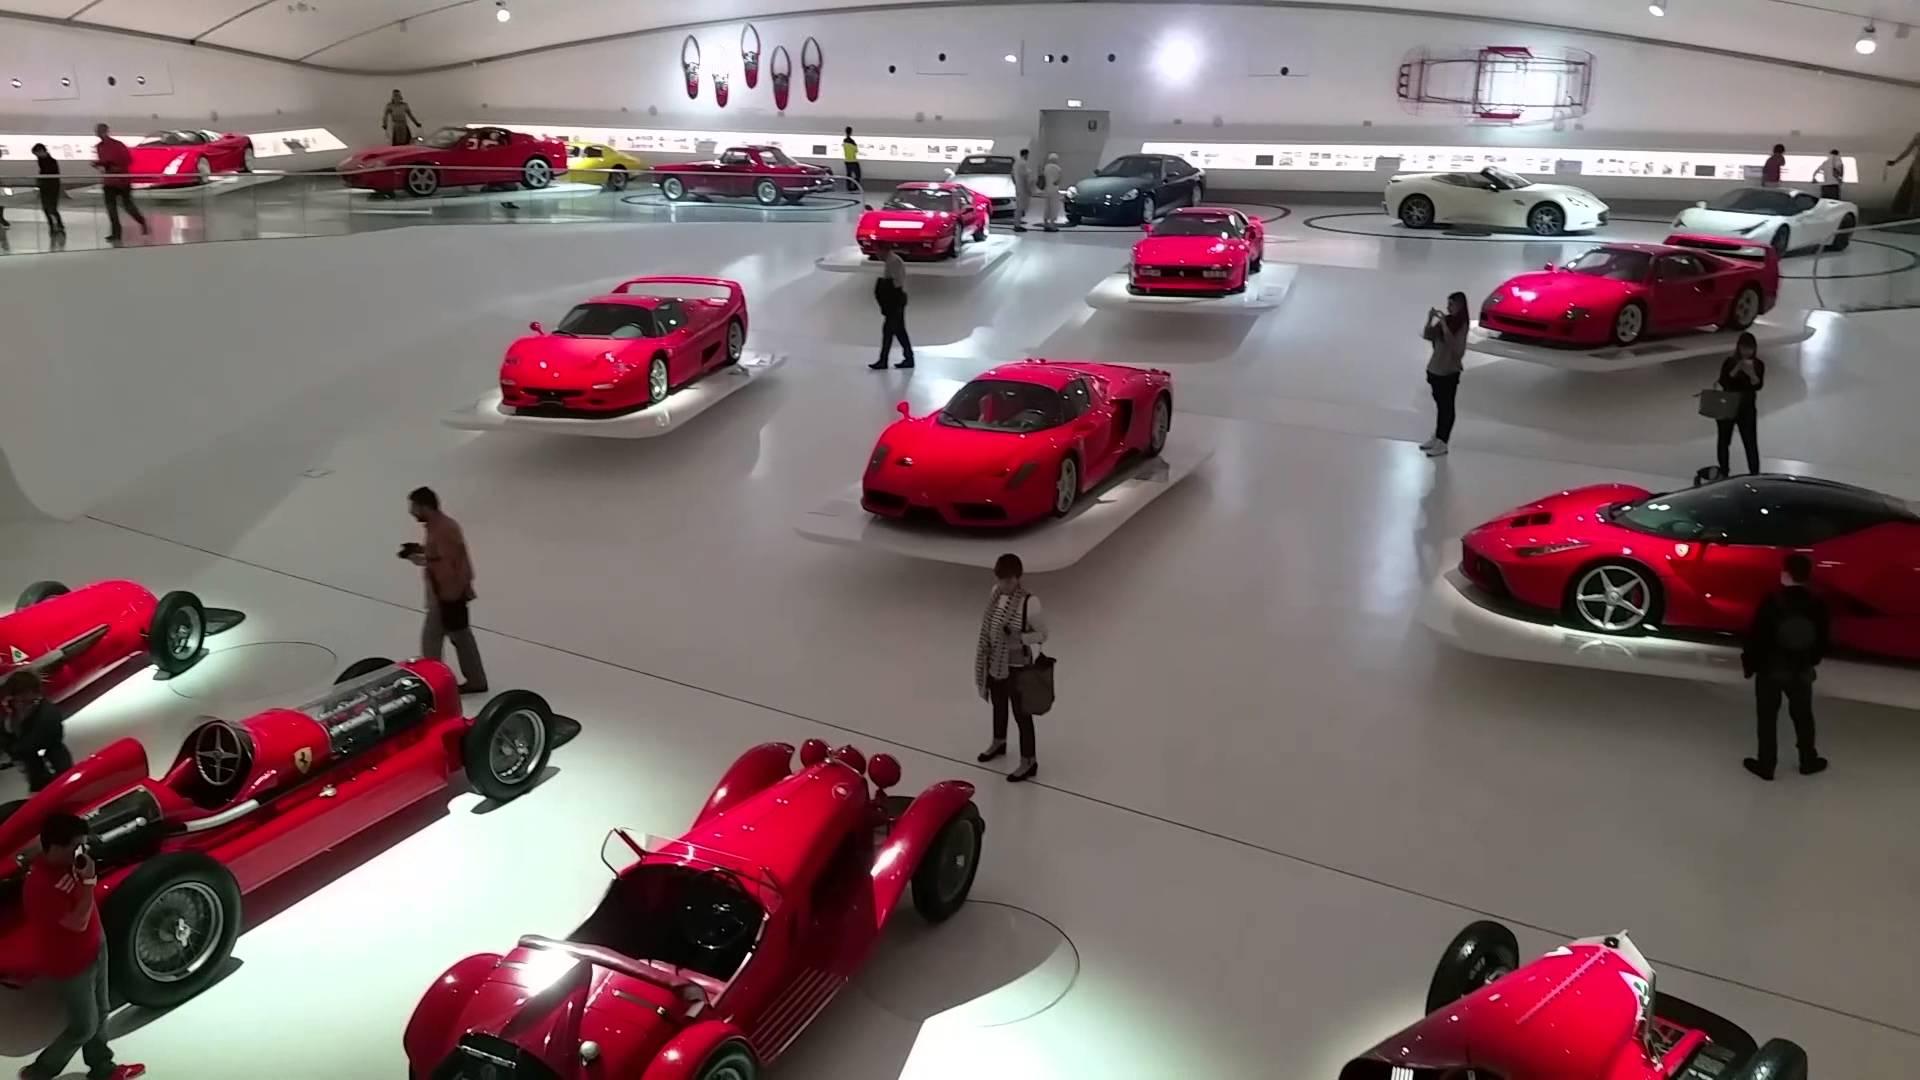 Mein Schiff Ausflugsziel: Ferrari Museum in Maranello